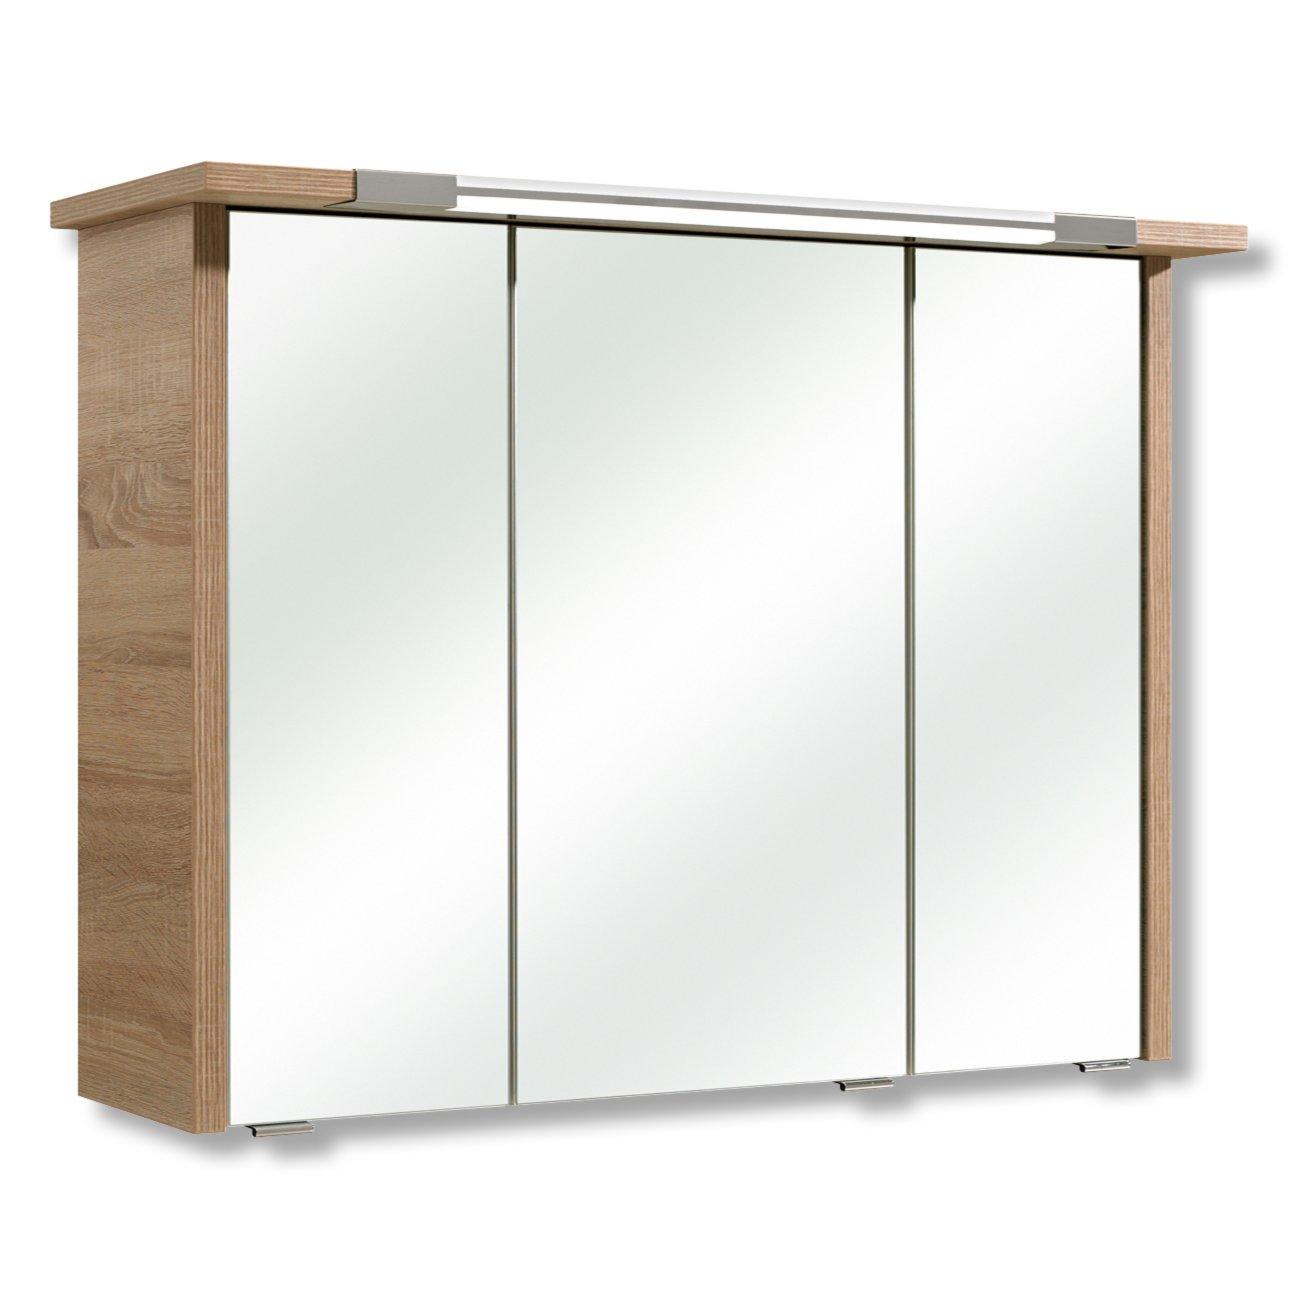 spiegelschrank lagos spiegelschr nke badm bel badezimmer wohnbereiche roller m belhaus. Black Bedroom Furniture Sets. Home Design Ideas